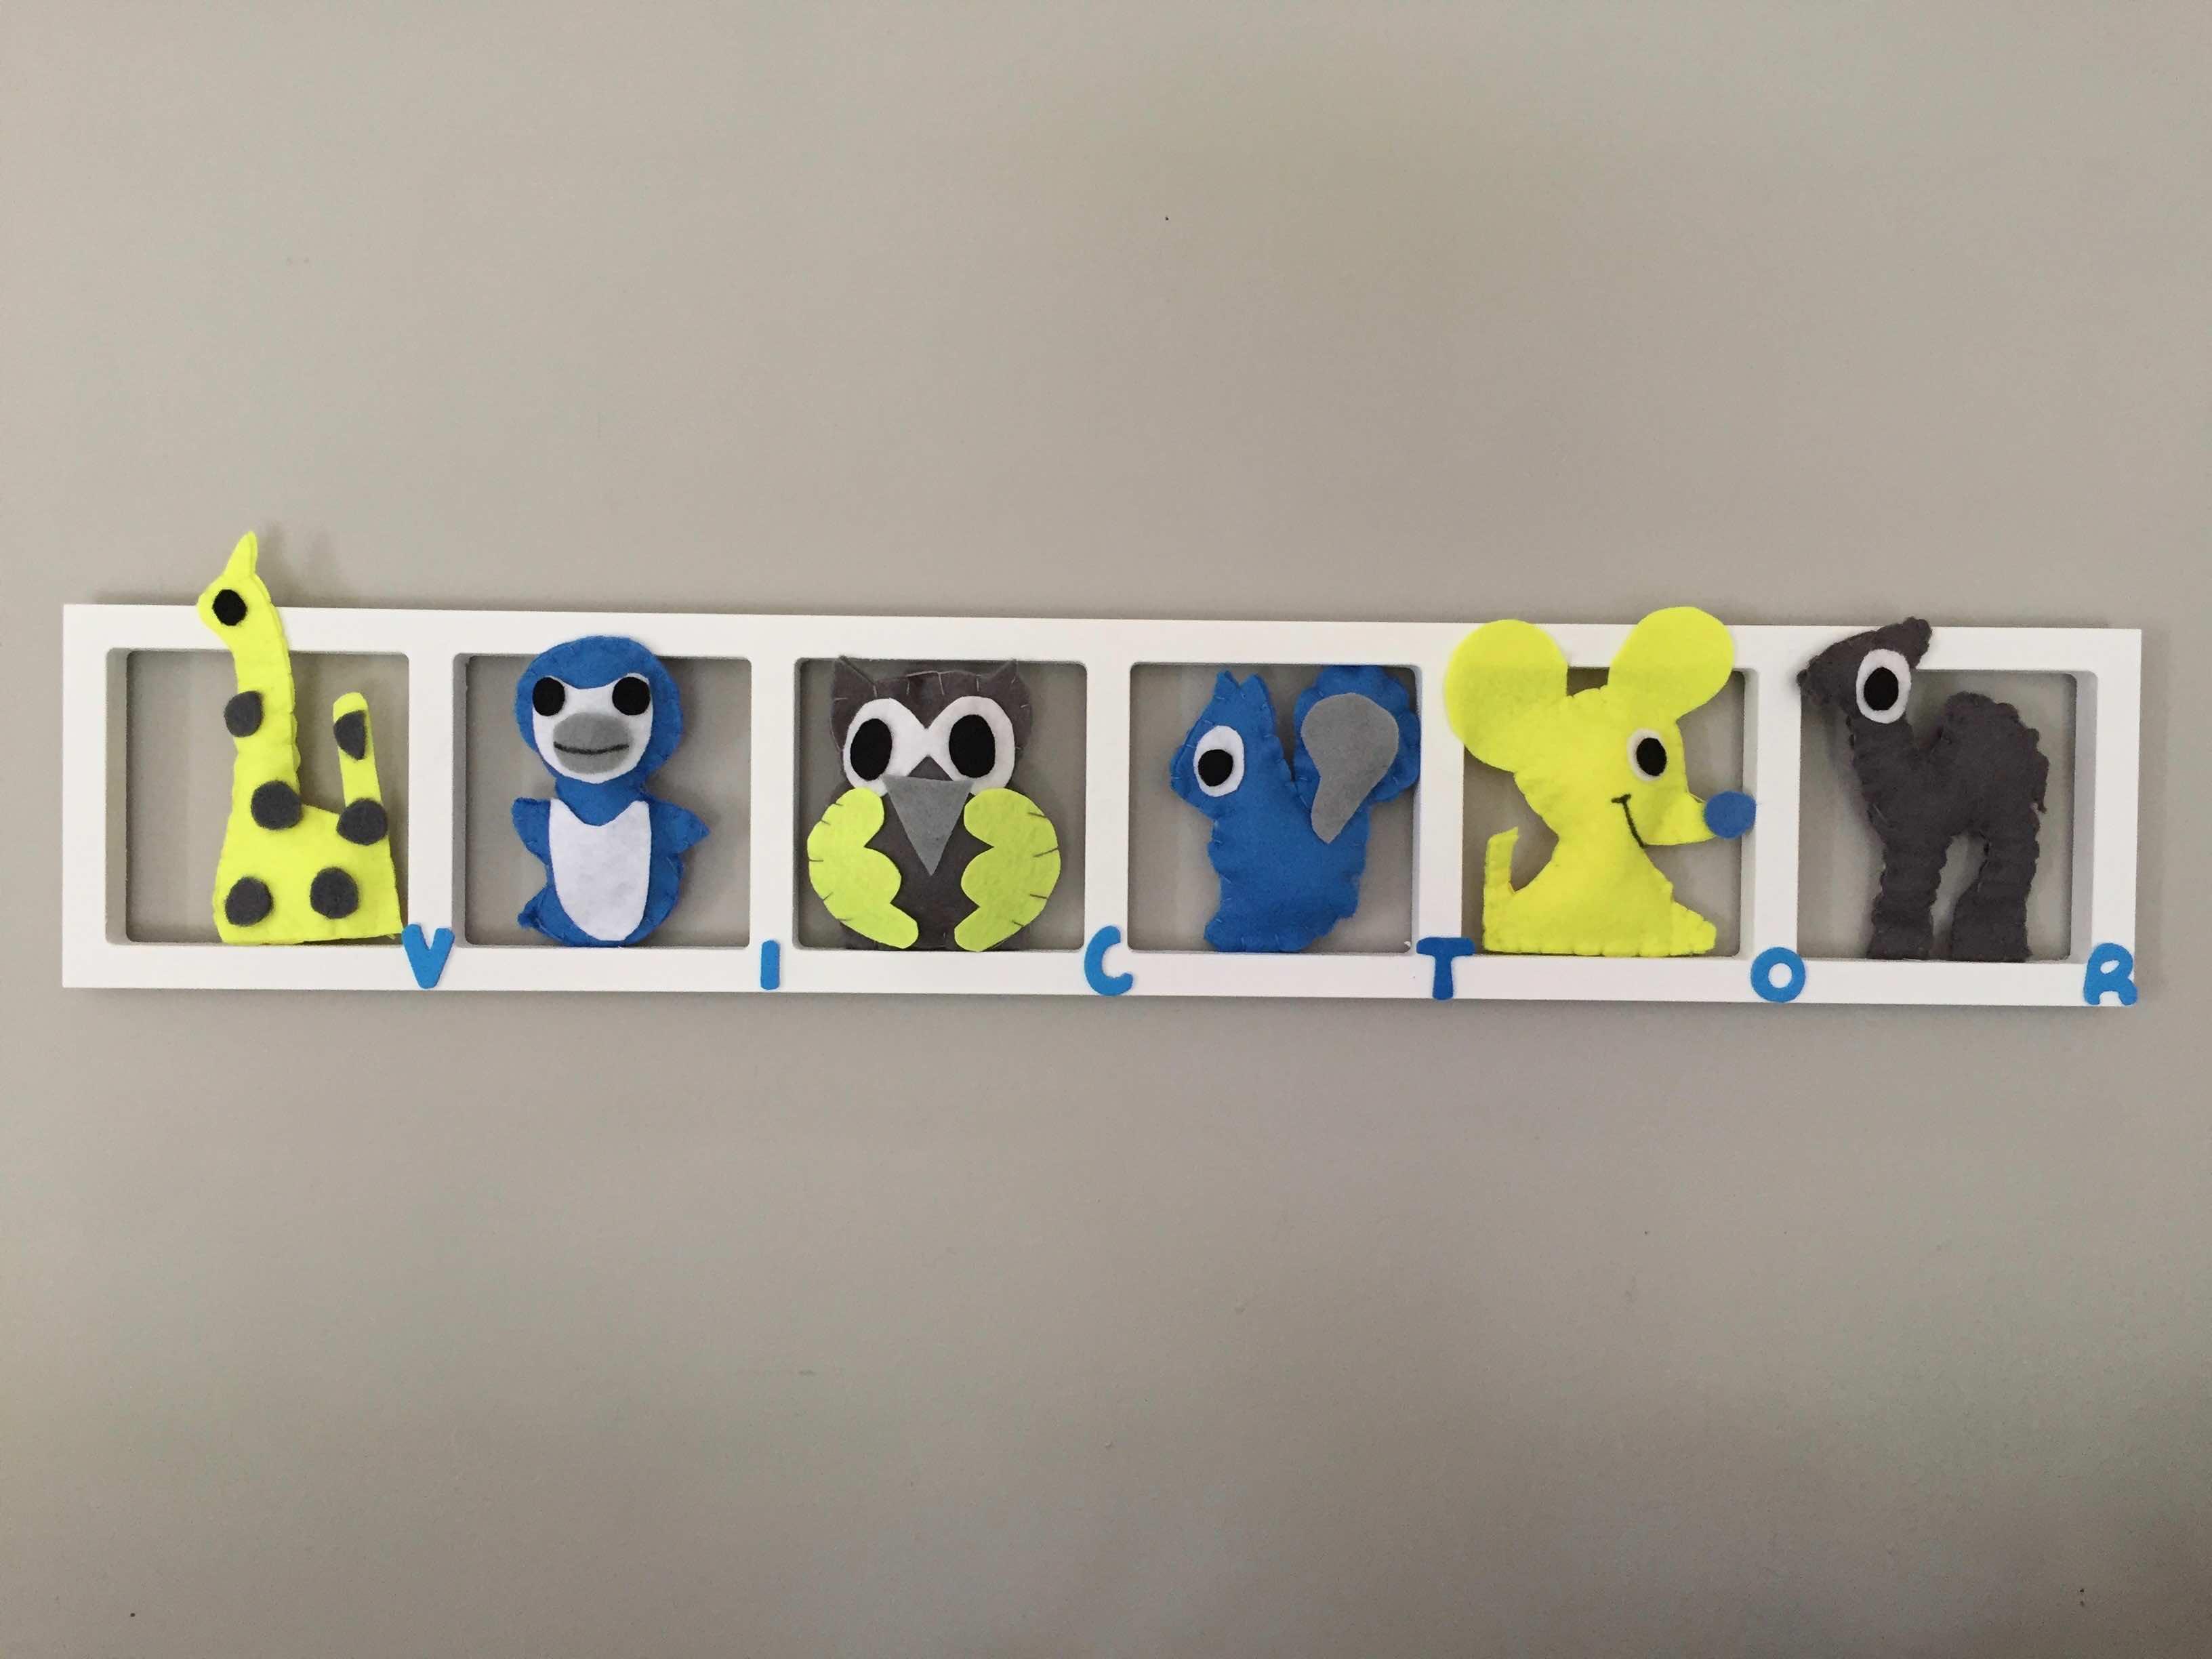 Décoration murale chambre bébé figurines bleu , gris et jaune flou